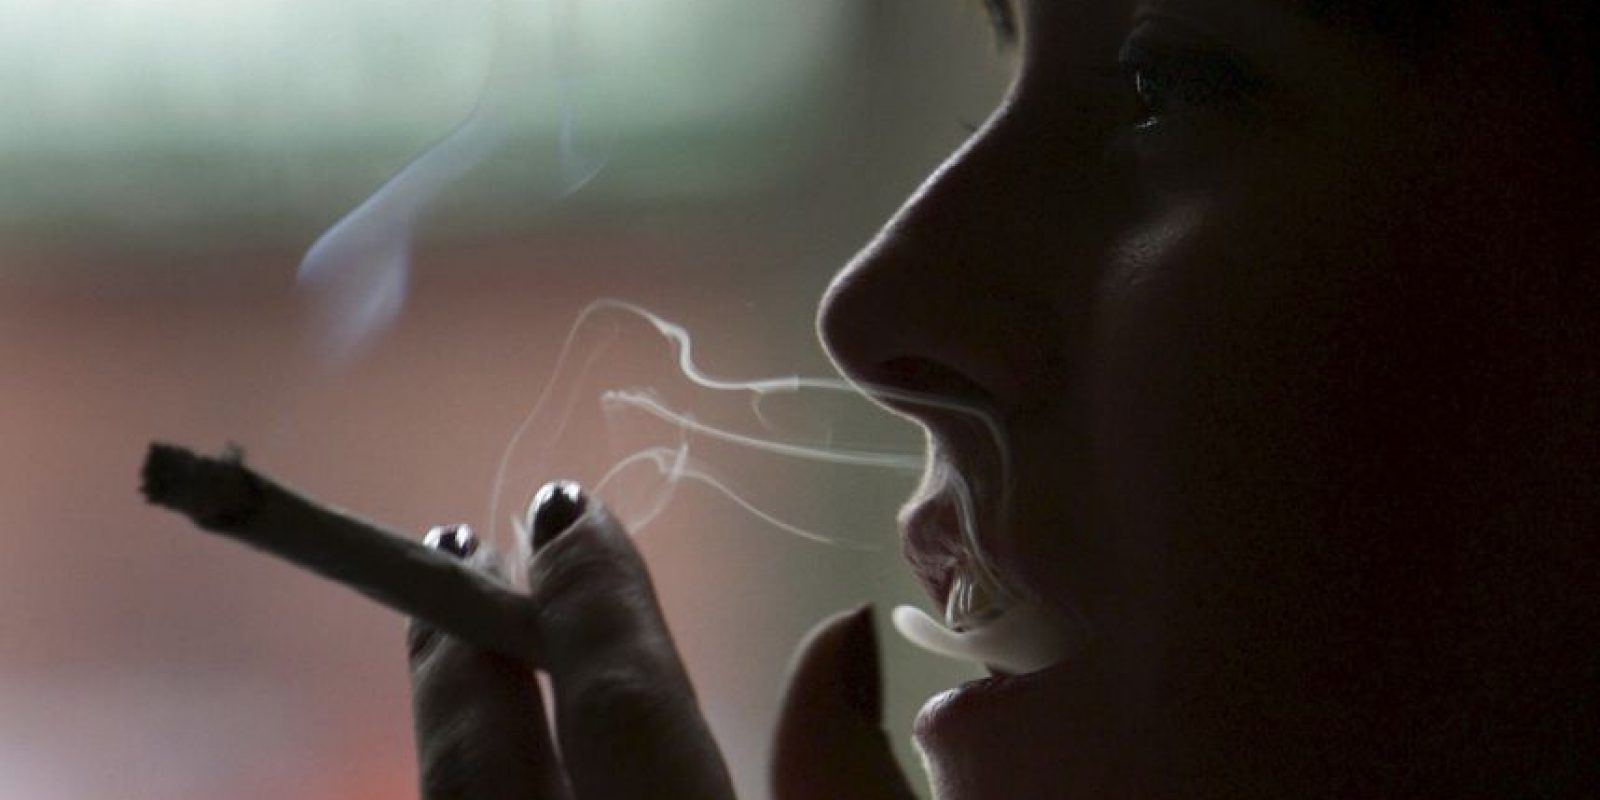 Los cigarros contienen más de 4 mil componentes químicos. Algunos de ellos son usados como veneno para insectos o ratas. Foto:Getty Images